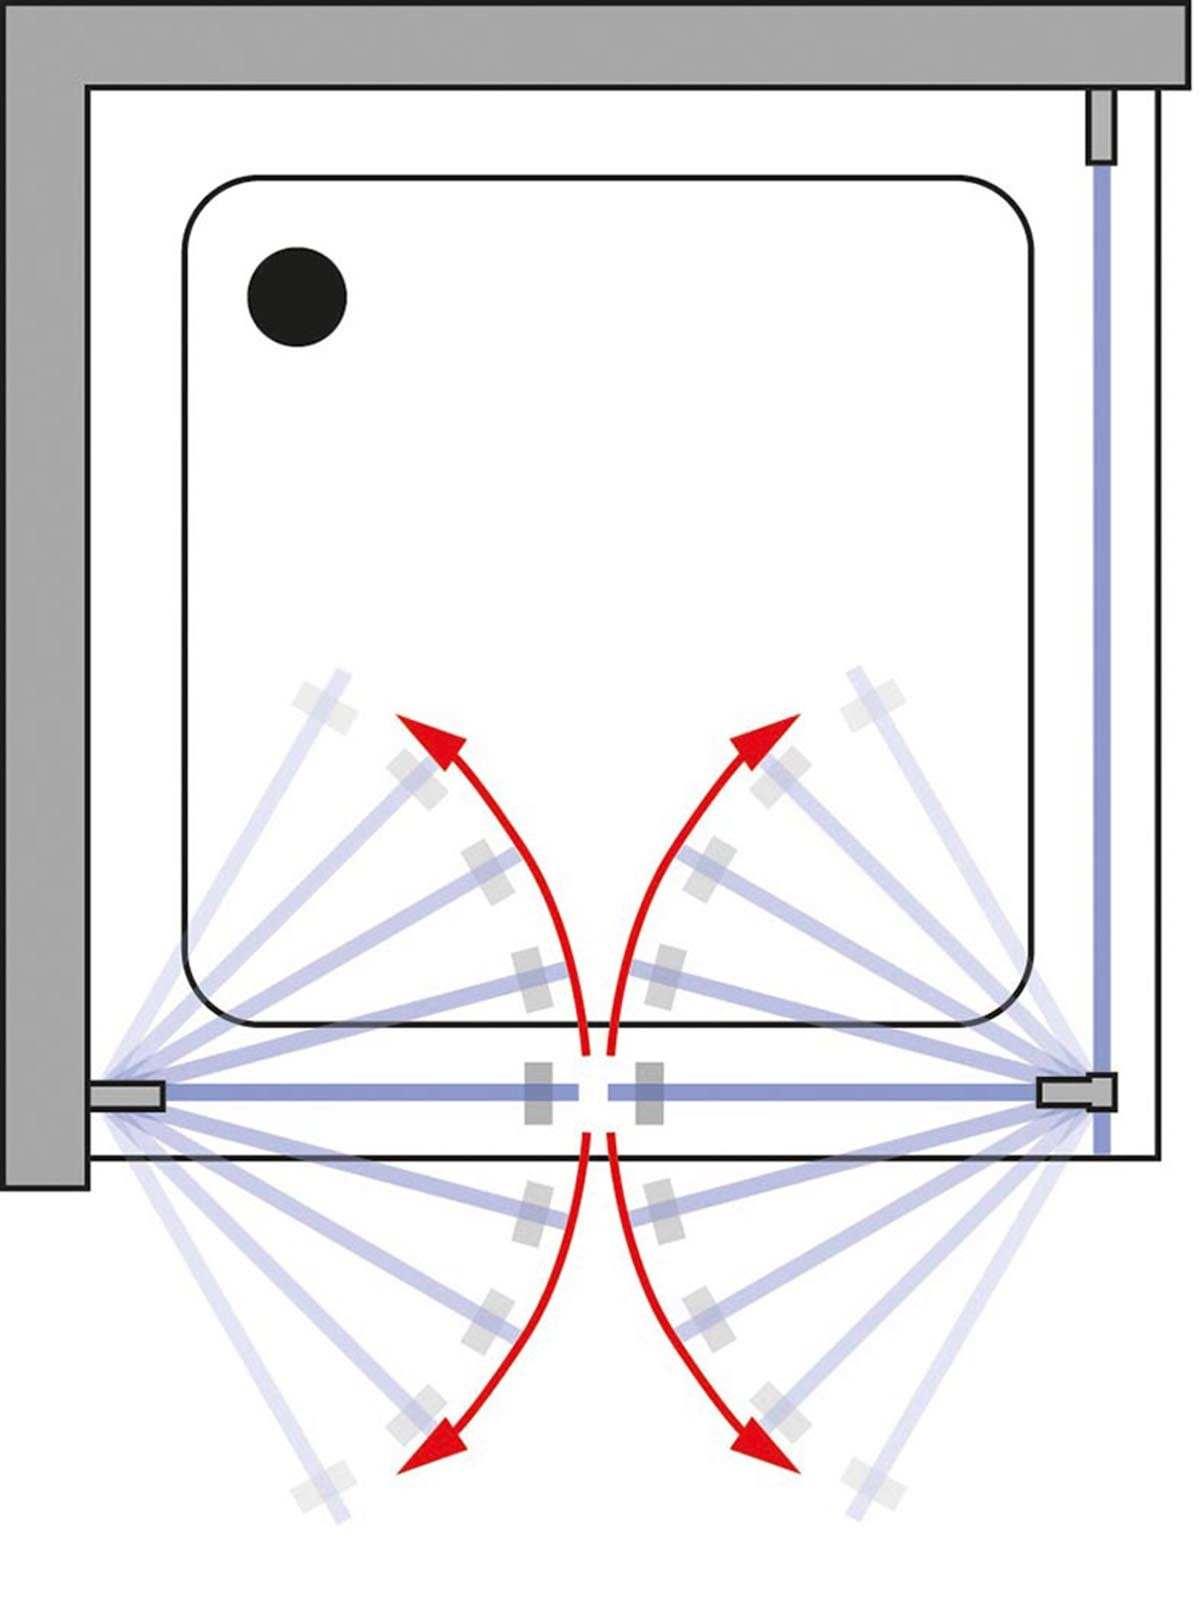 schulte davita pendelt r 2 teilig mit seitenwand echtglas inkl aufma und montage d48024. Black Bedroom Furniture Sets. Home Design Ideas